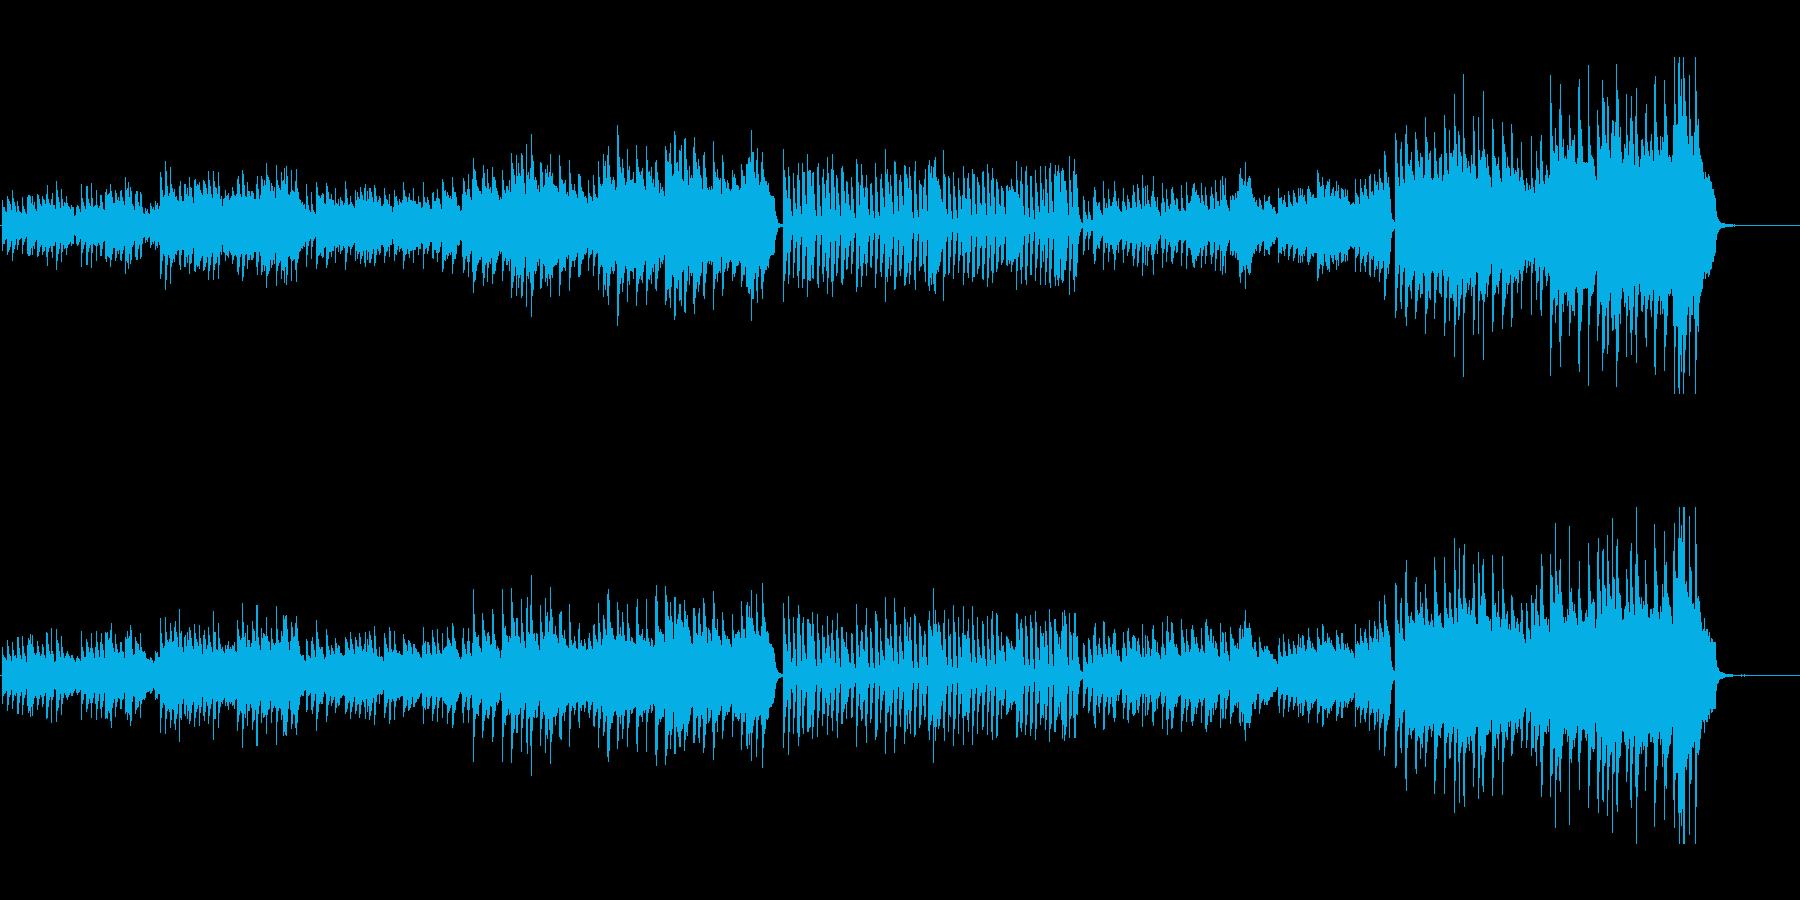 日本を感じさせる凛としたピアノ曲の再生済みの波形